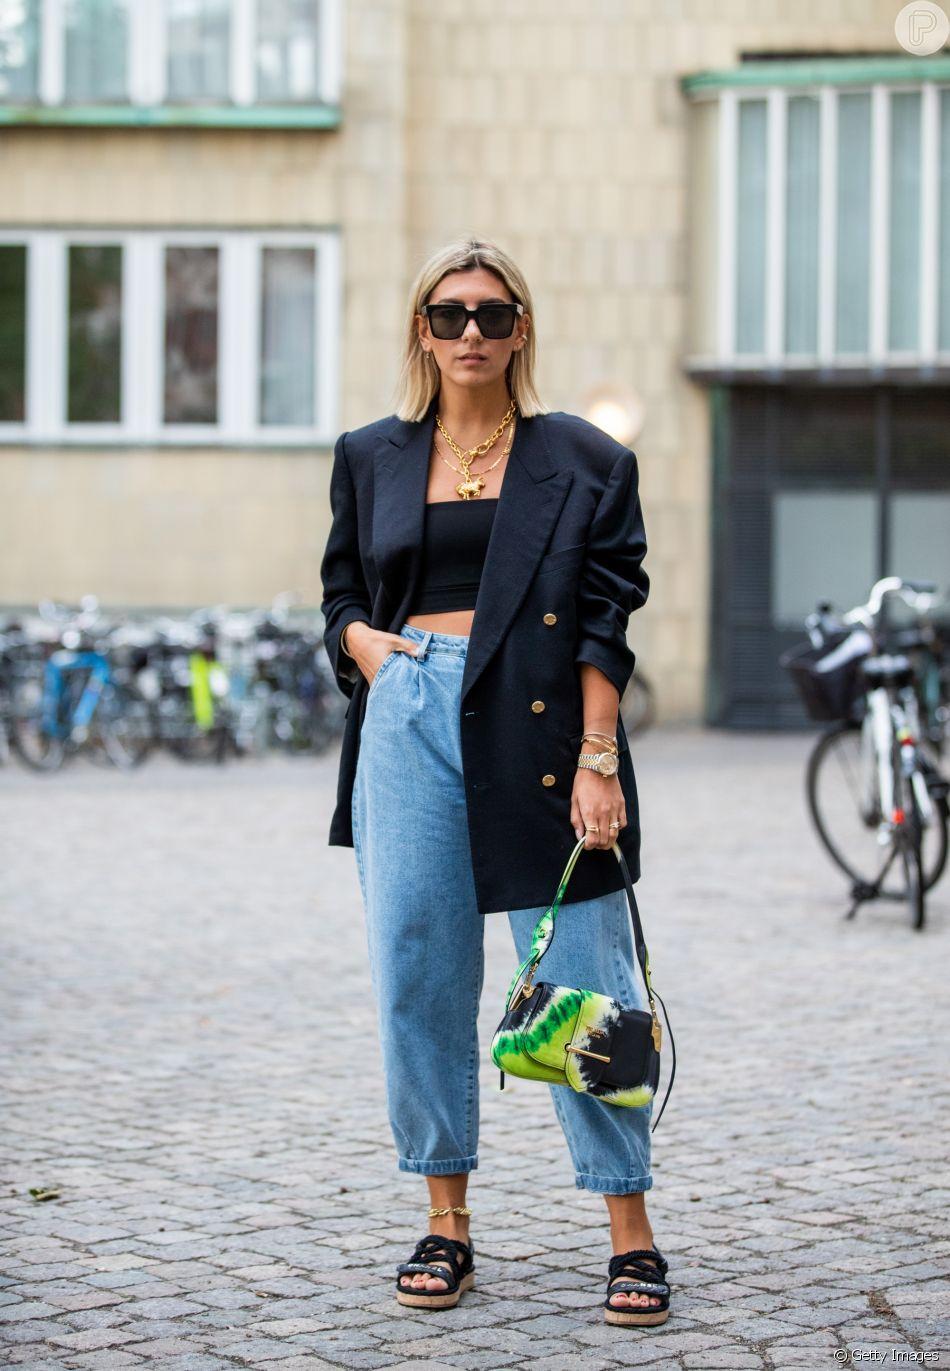 Tie-dye na moda verão: uma forma de incluir a tendência no look é através dos acessórios